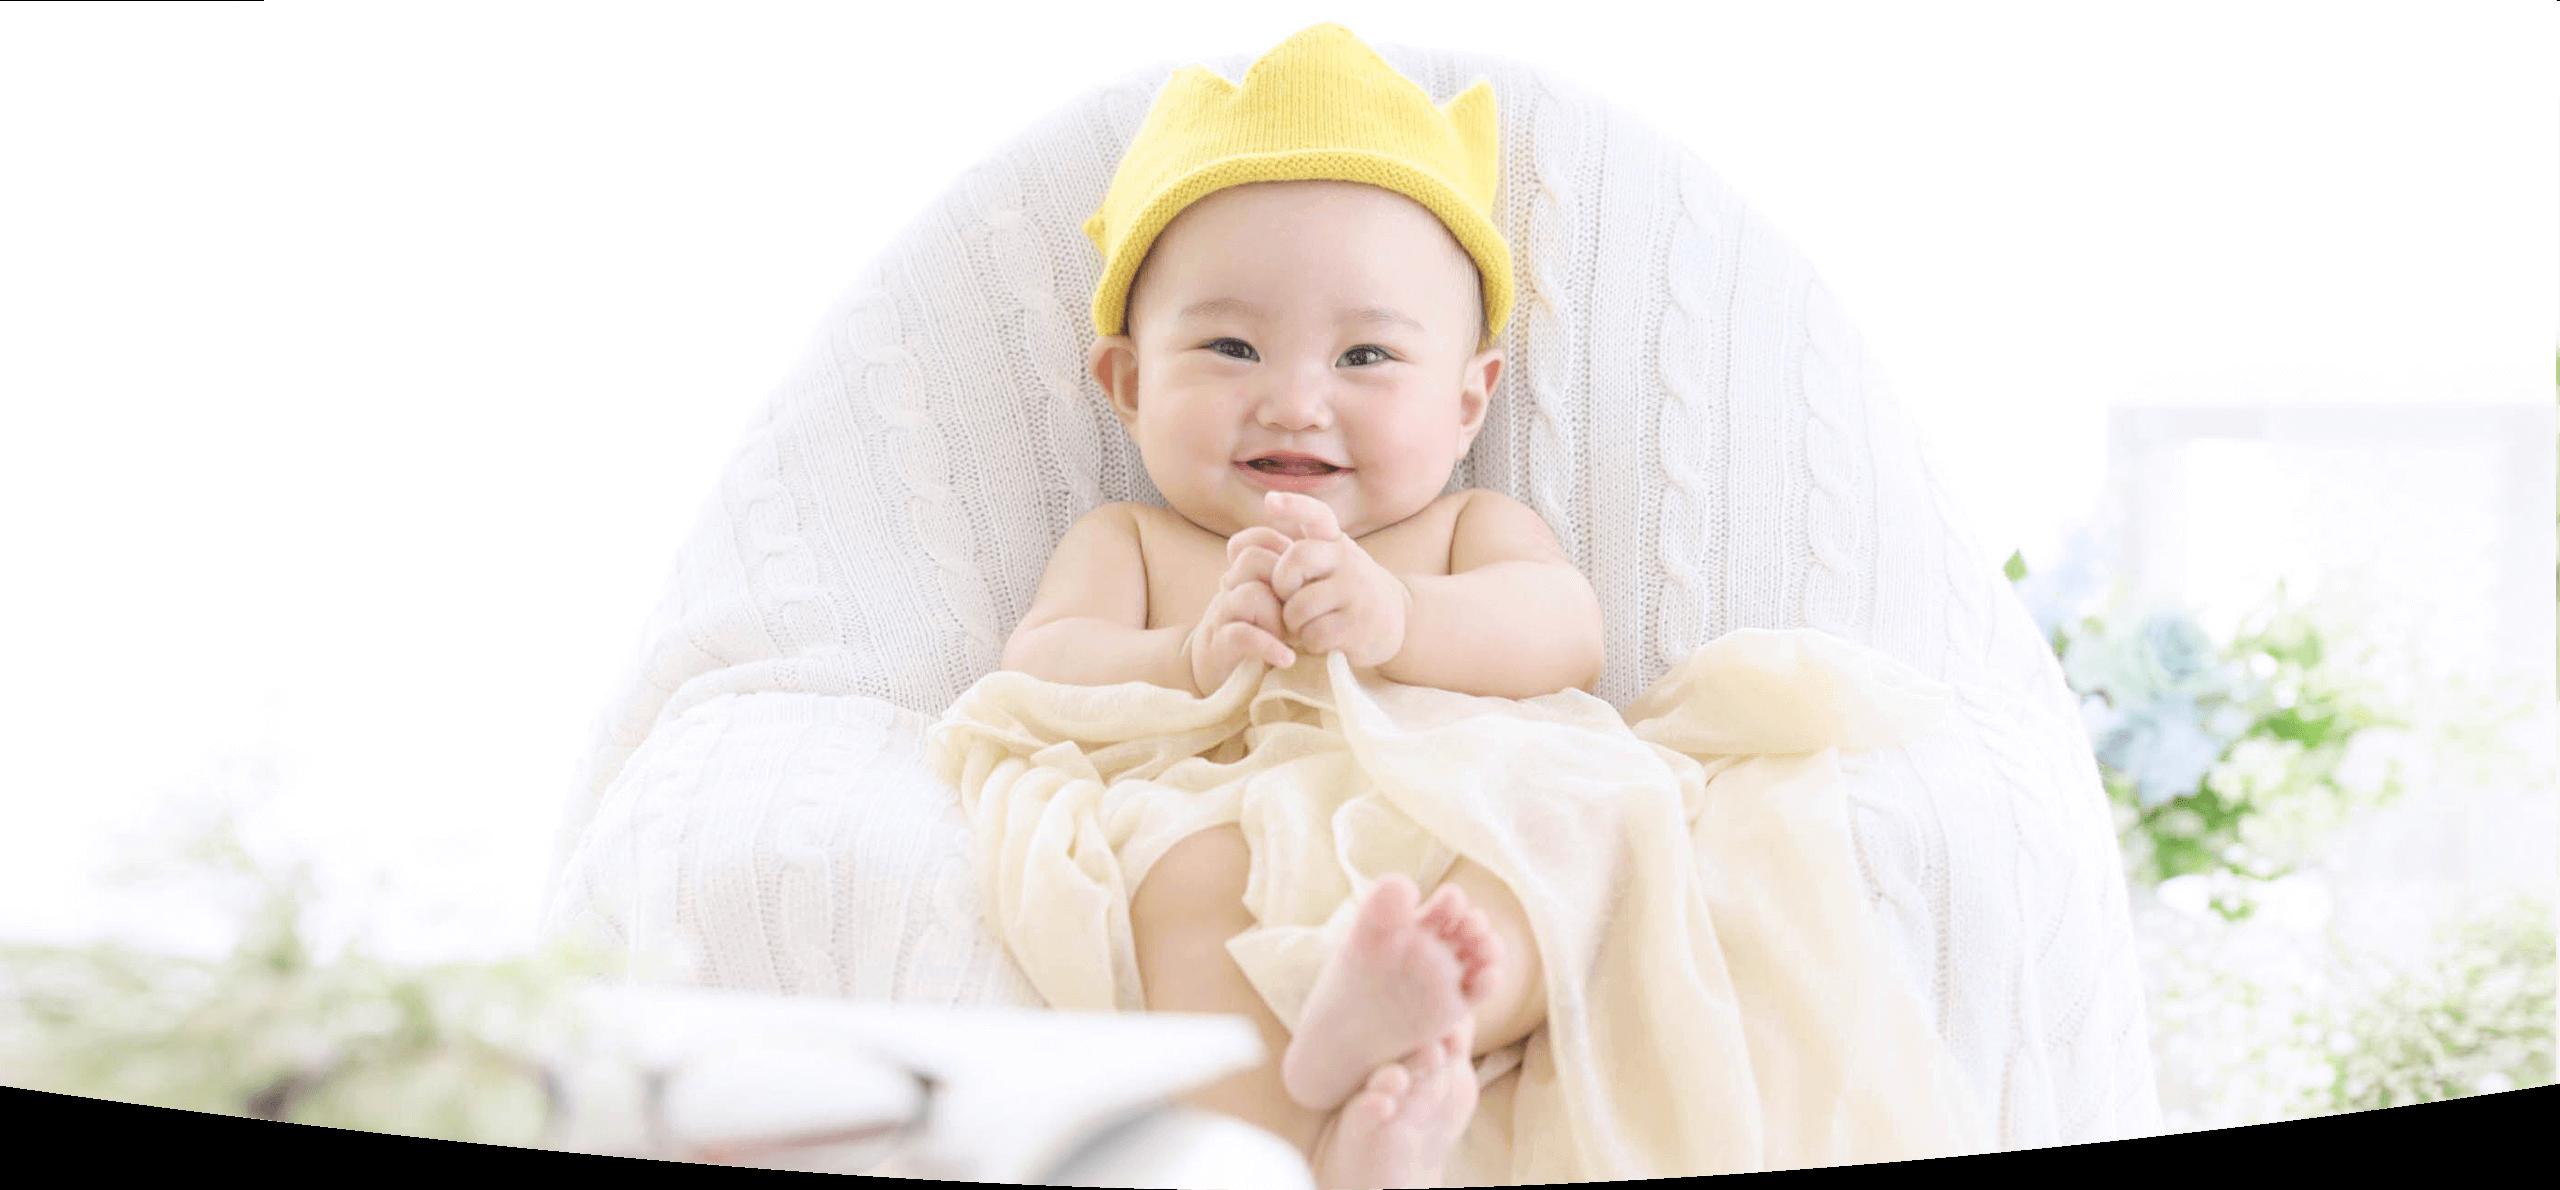 ベビー・赤ちゃんの写真